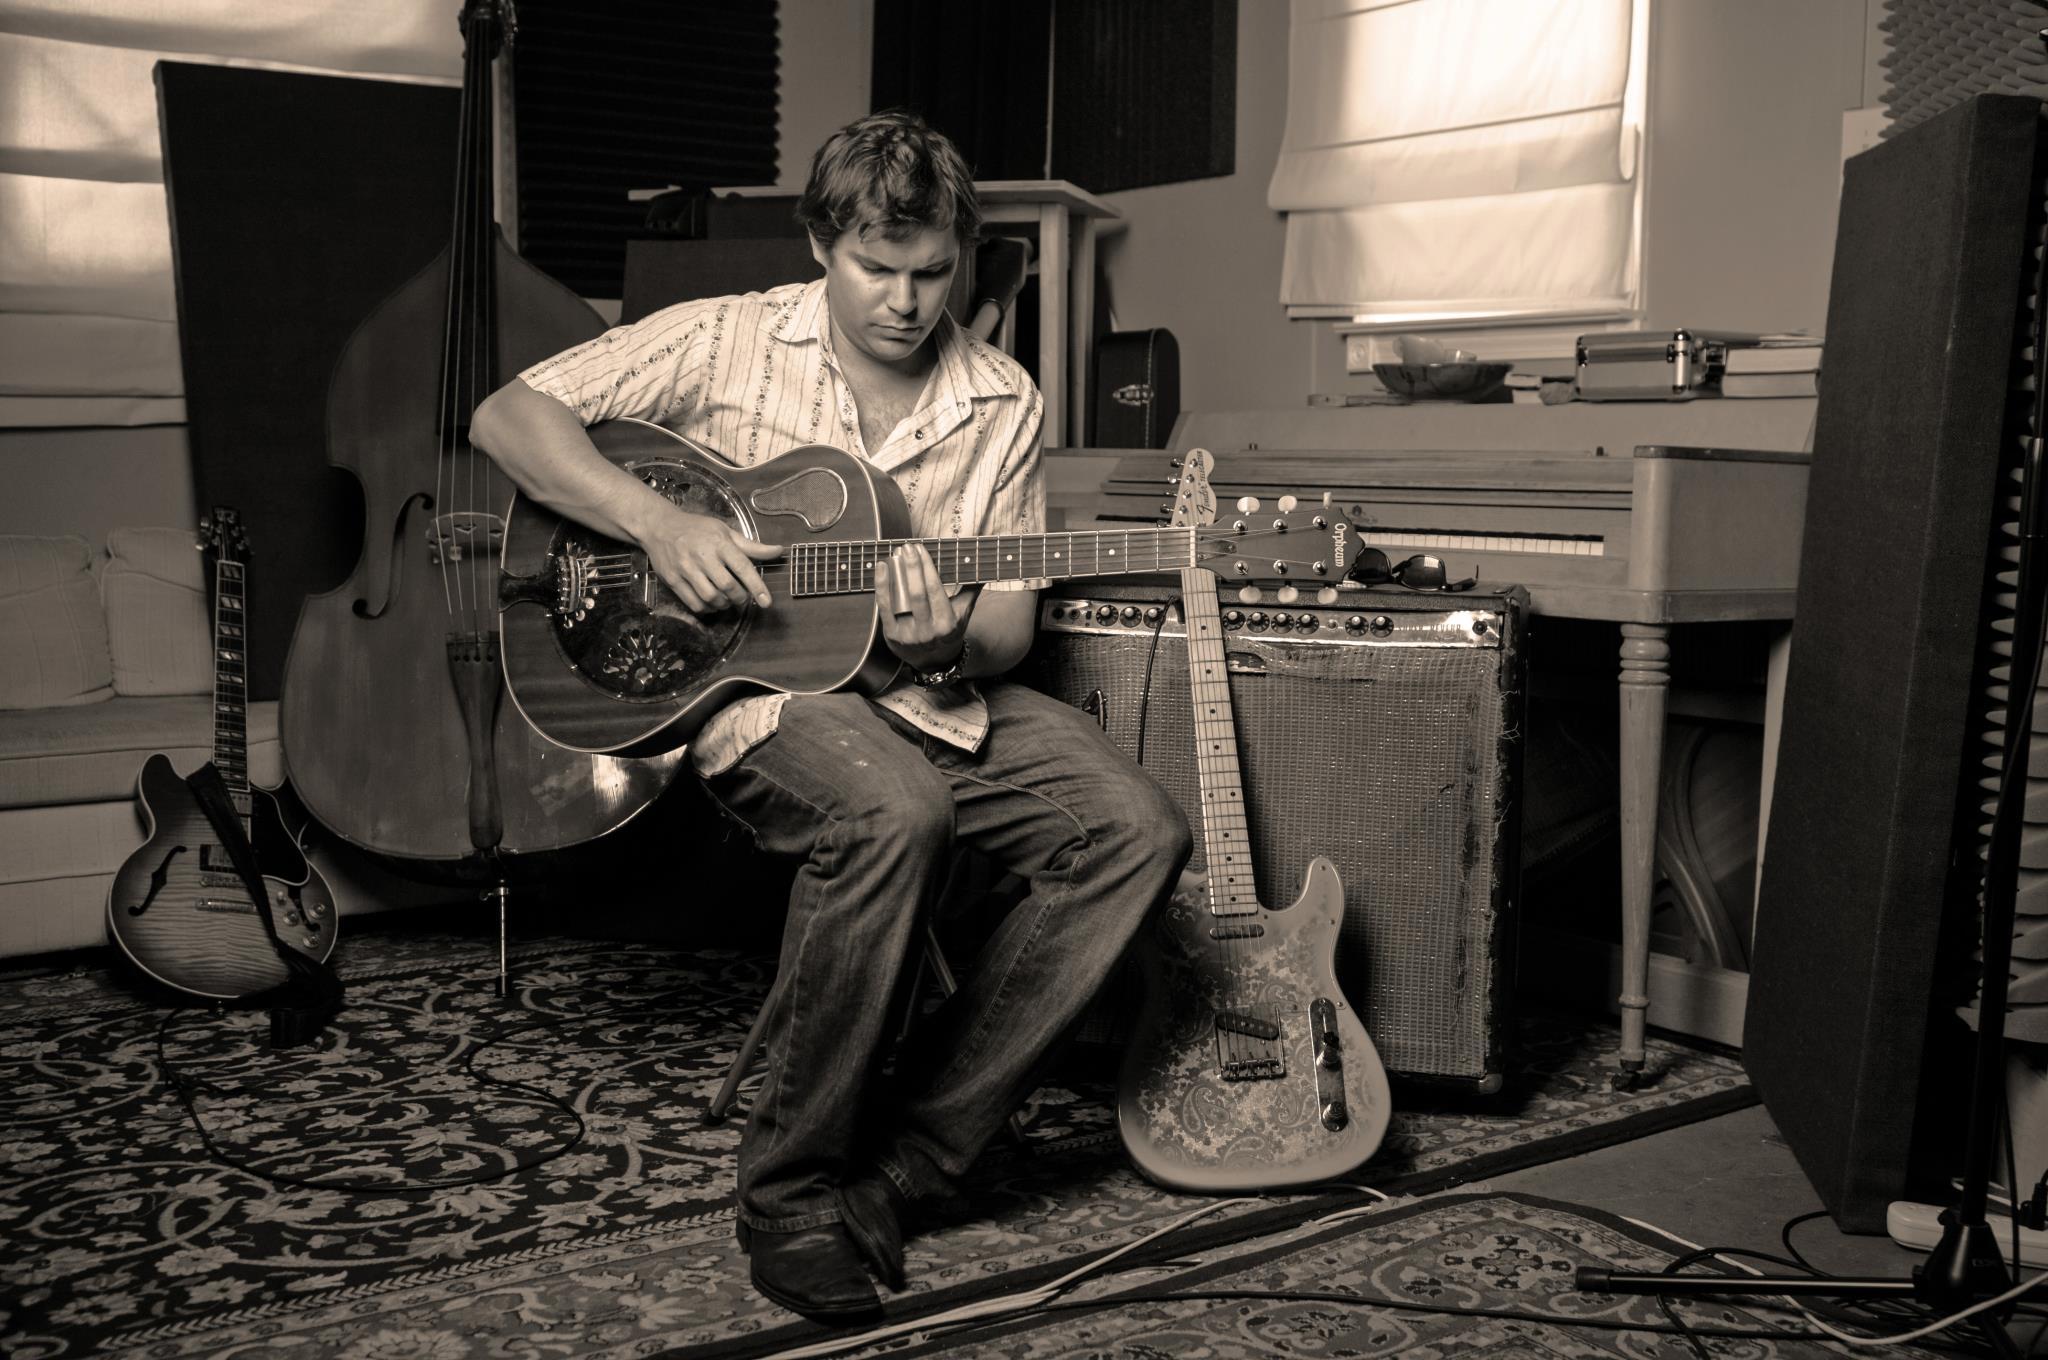 Lee Yankie playing guitar